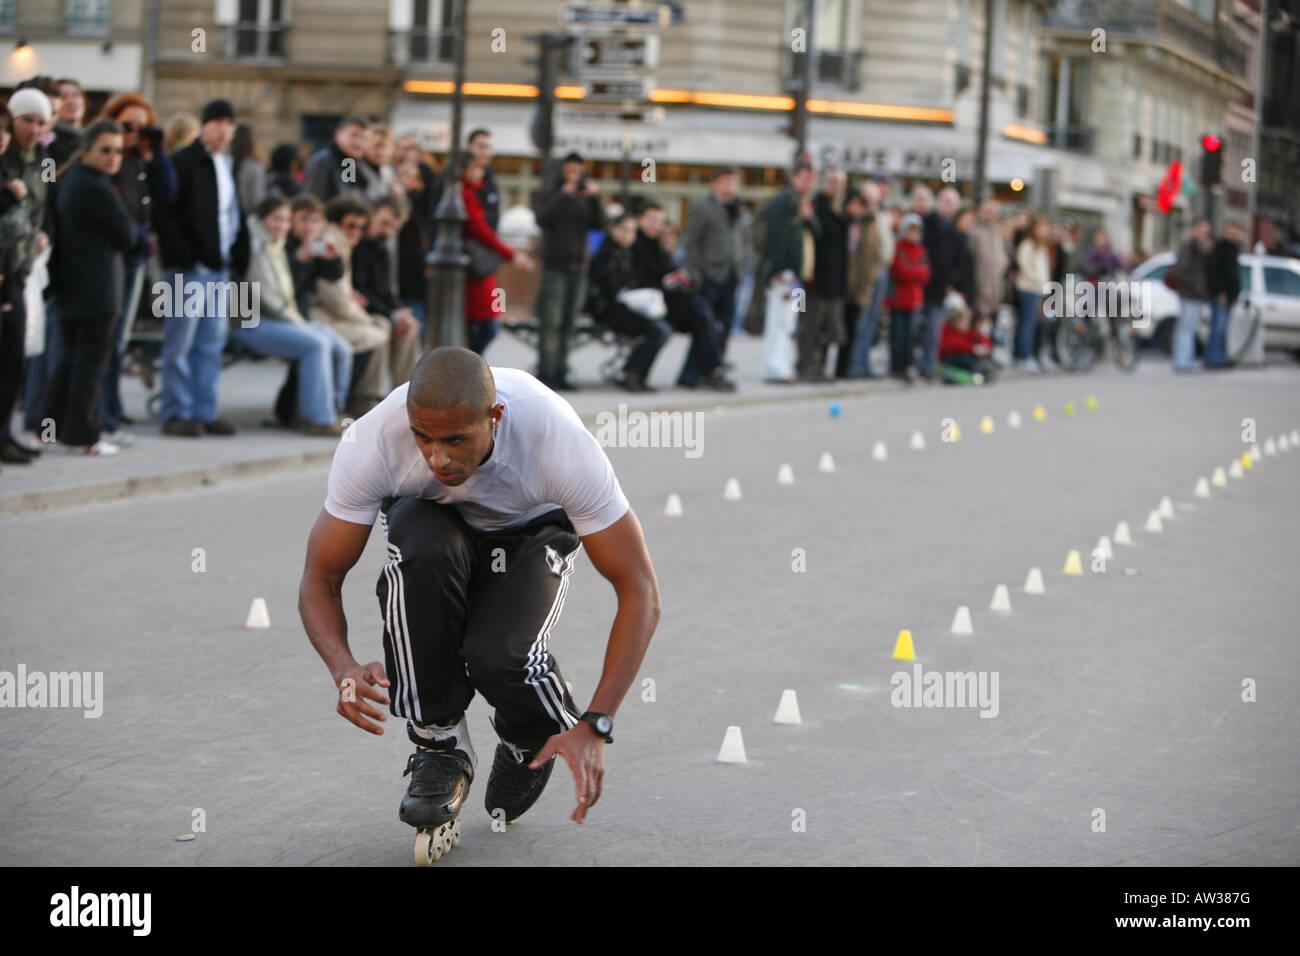 skater on Rue de la Cit, France, Paris - Stock Image